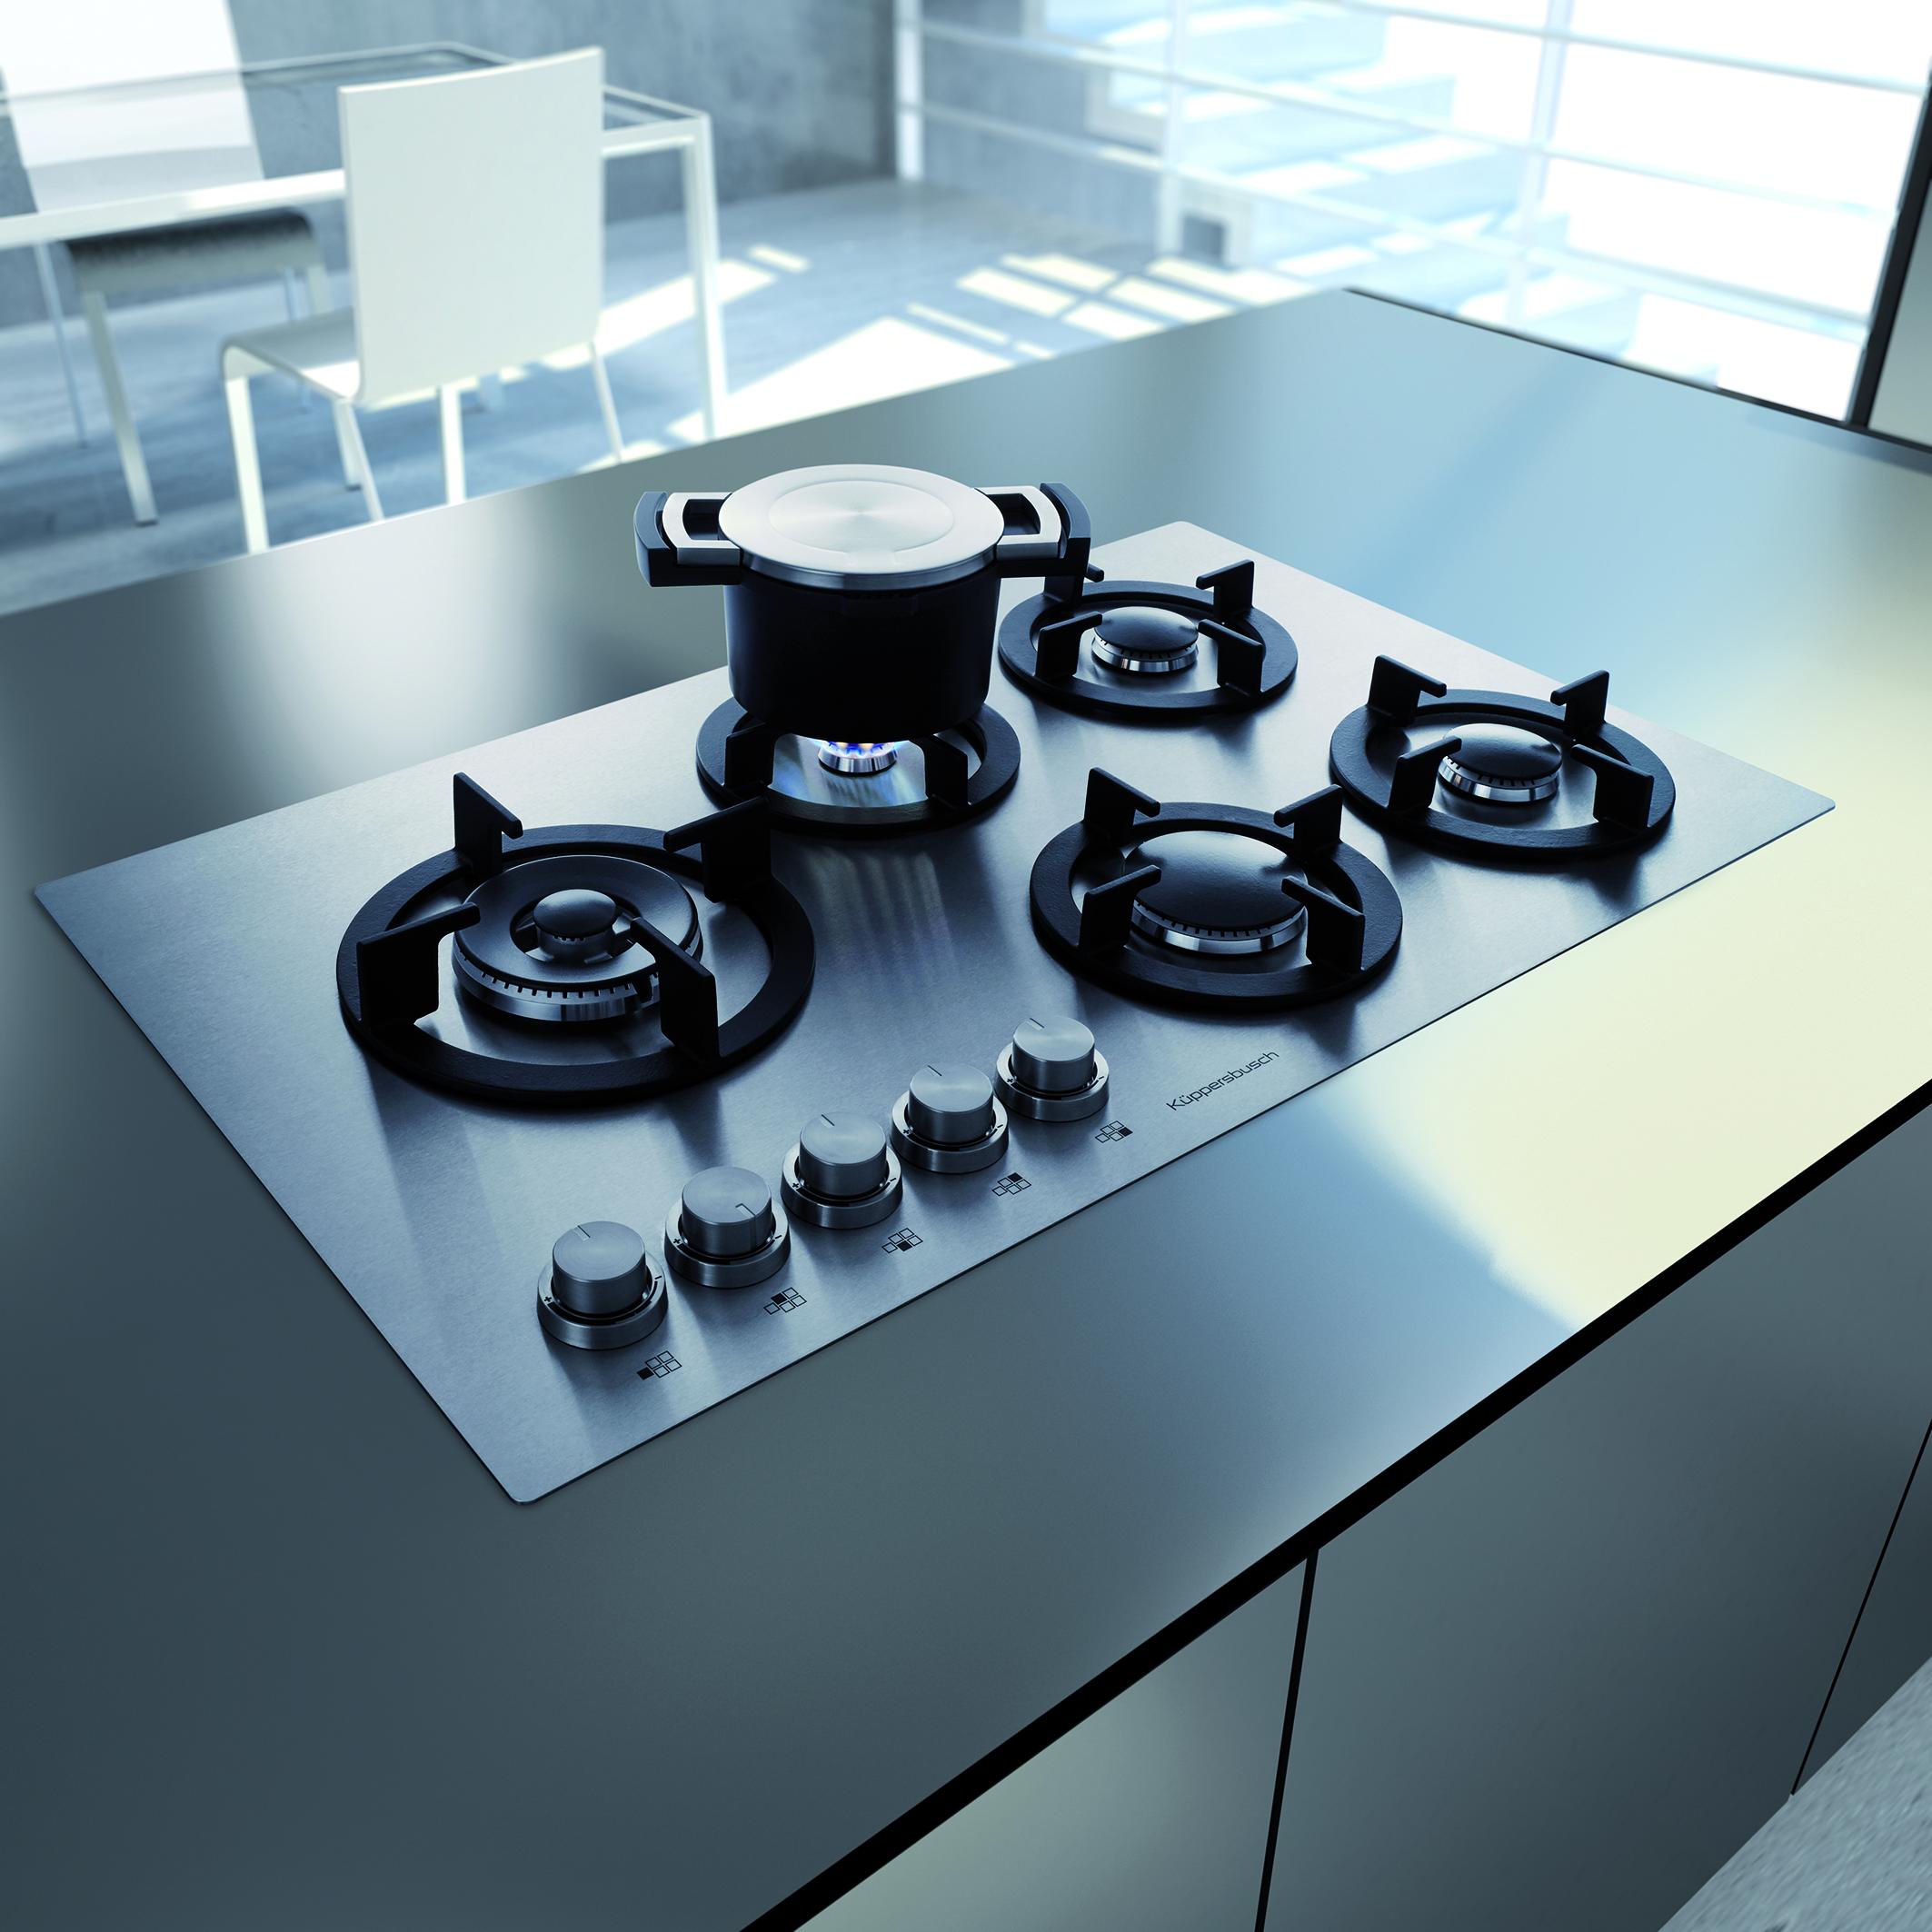 kochfelder m ssen nicht schwarz sein k ppersbusch bietet. Black Bedroom Furniture Sets. Home Design Ideas